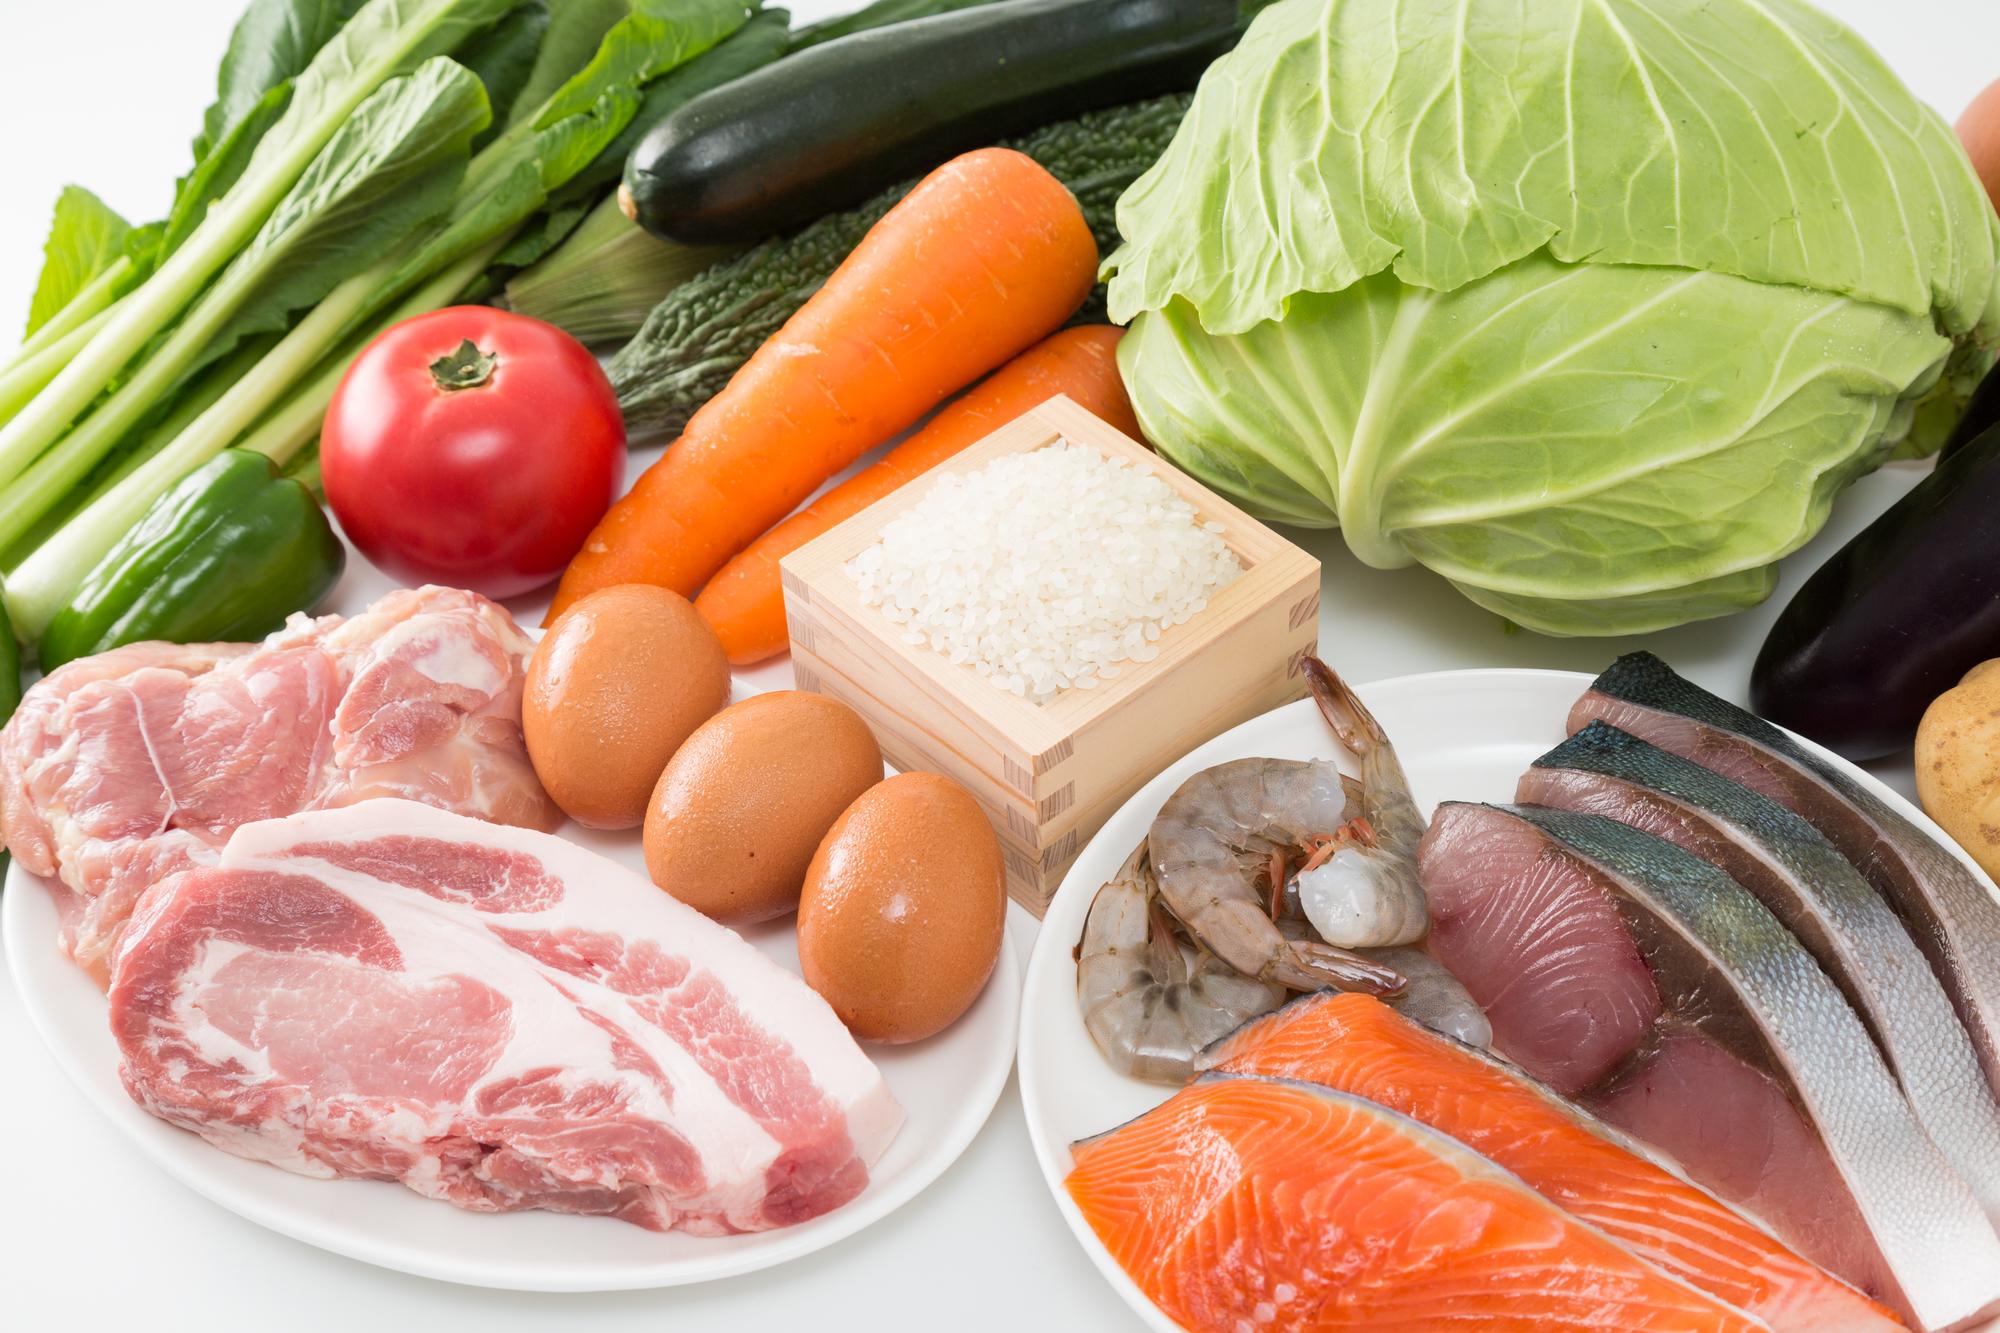 AGA対策のためにおすすめな食べ物には何がある?